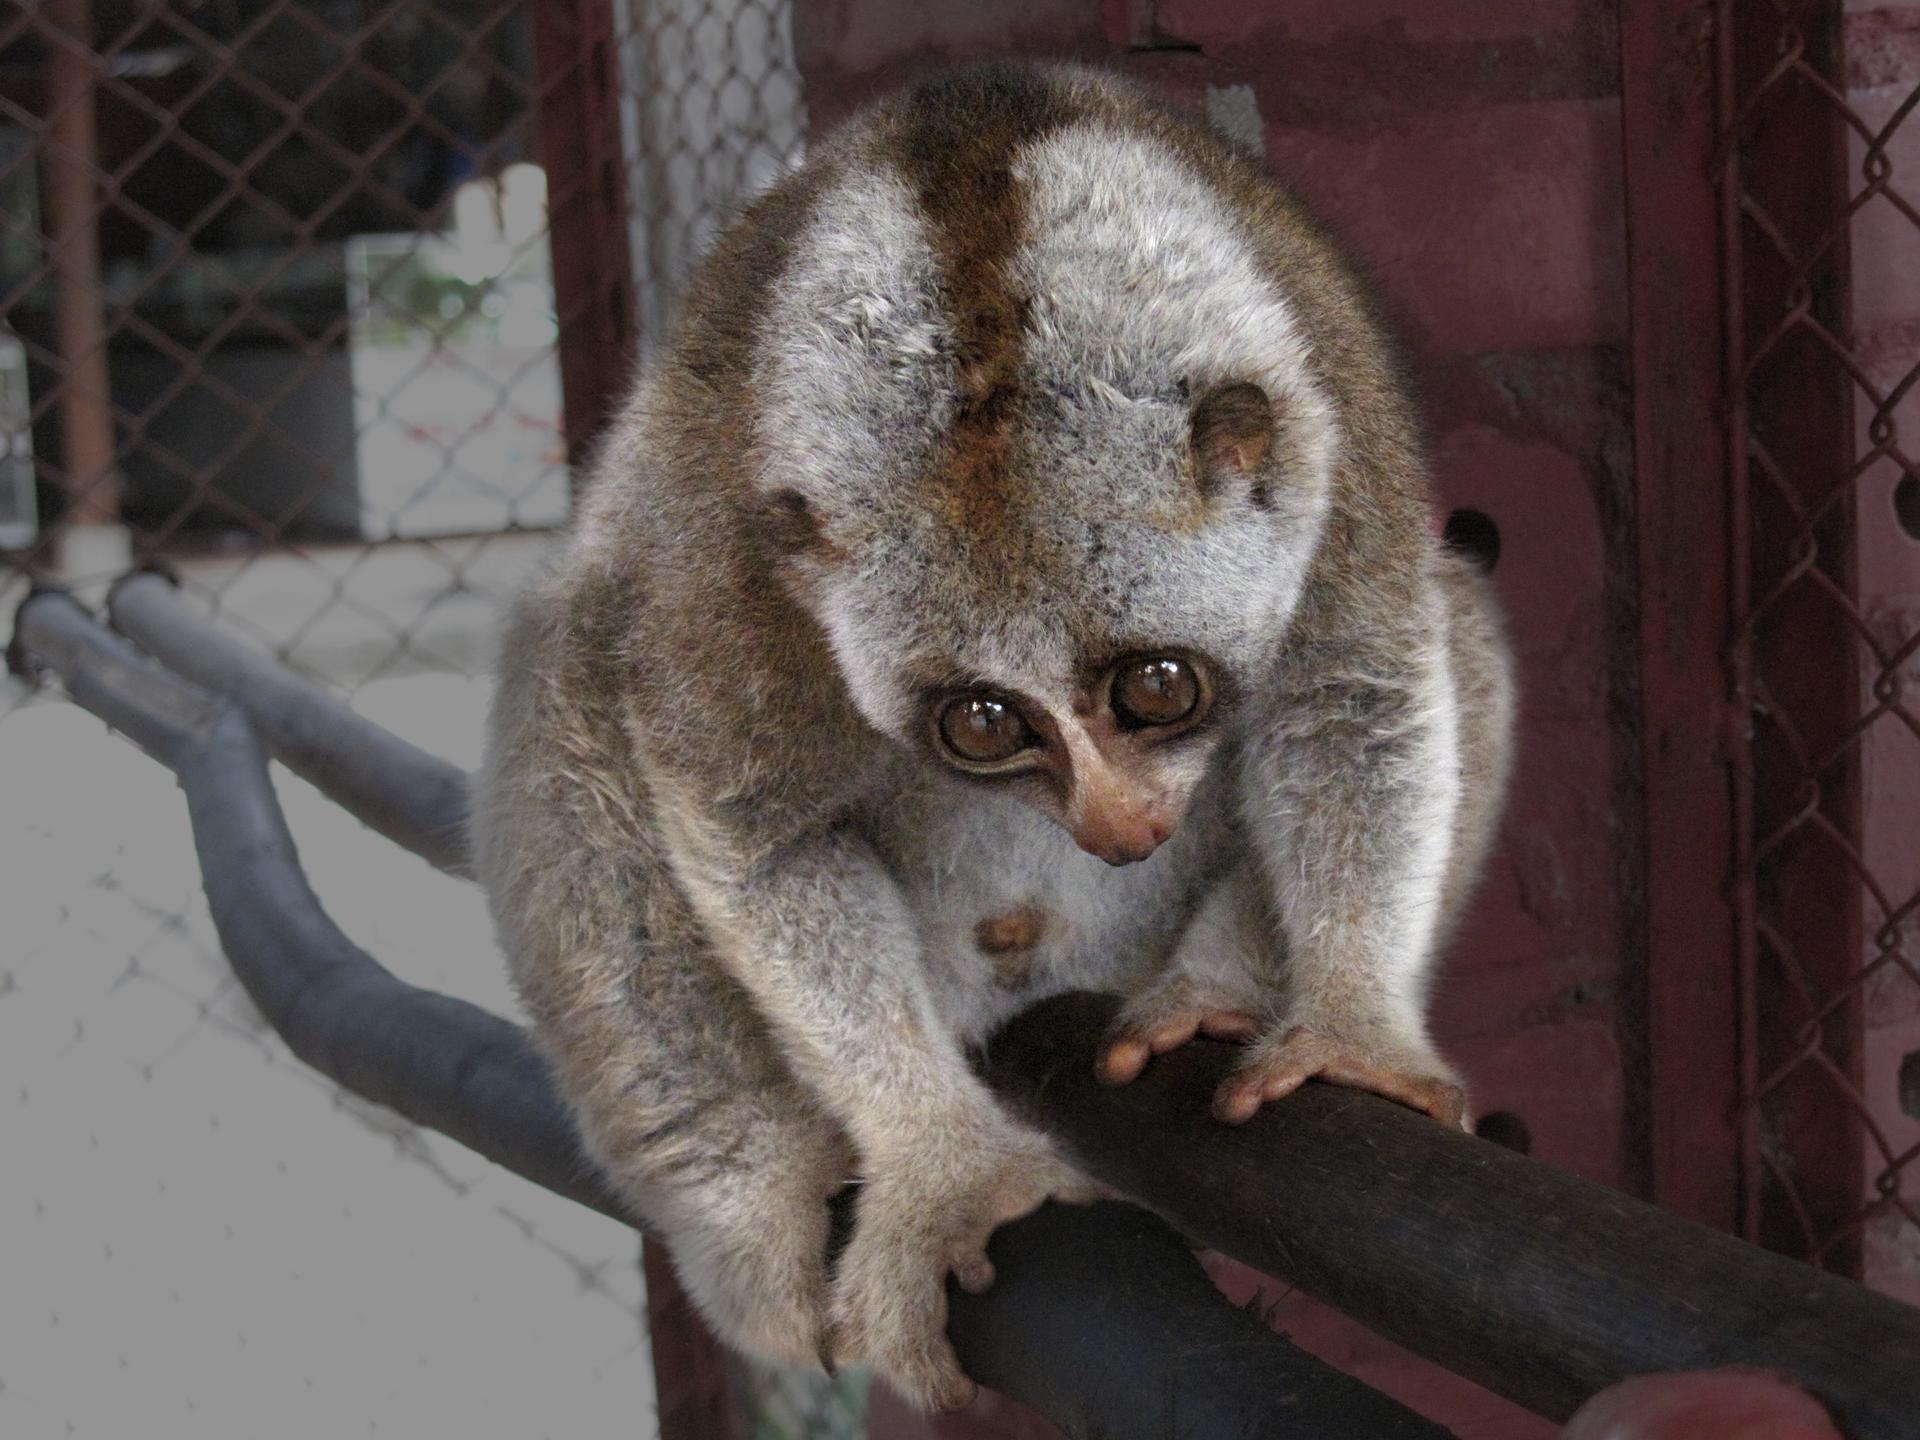 Fotografia przedstawia małpiatkę lori siedzącą na gałęzi. Małpiatka ma chwytne ręce iduże, czarne wypukłe oczy. Pokryta jest futrem.